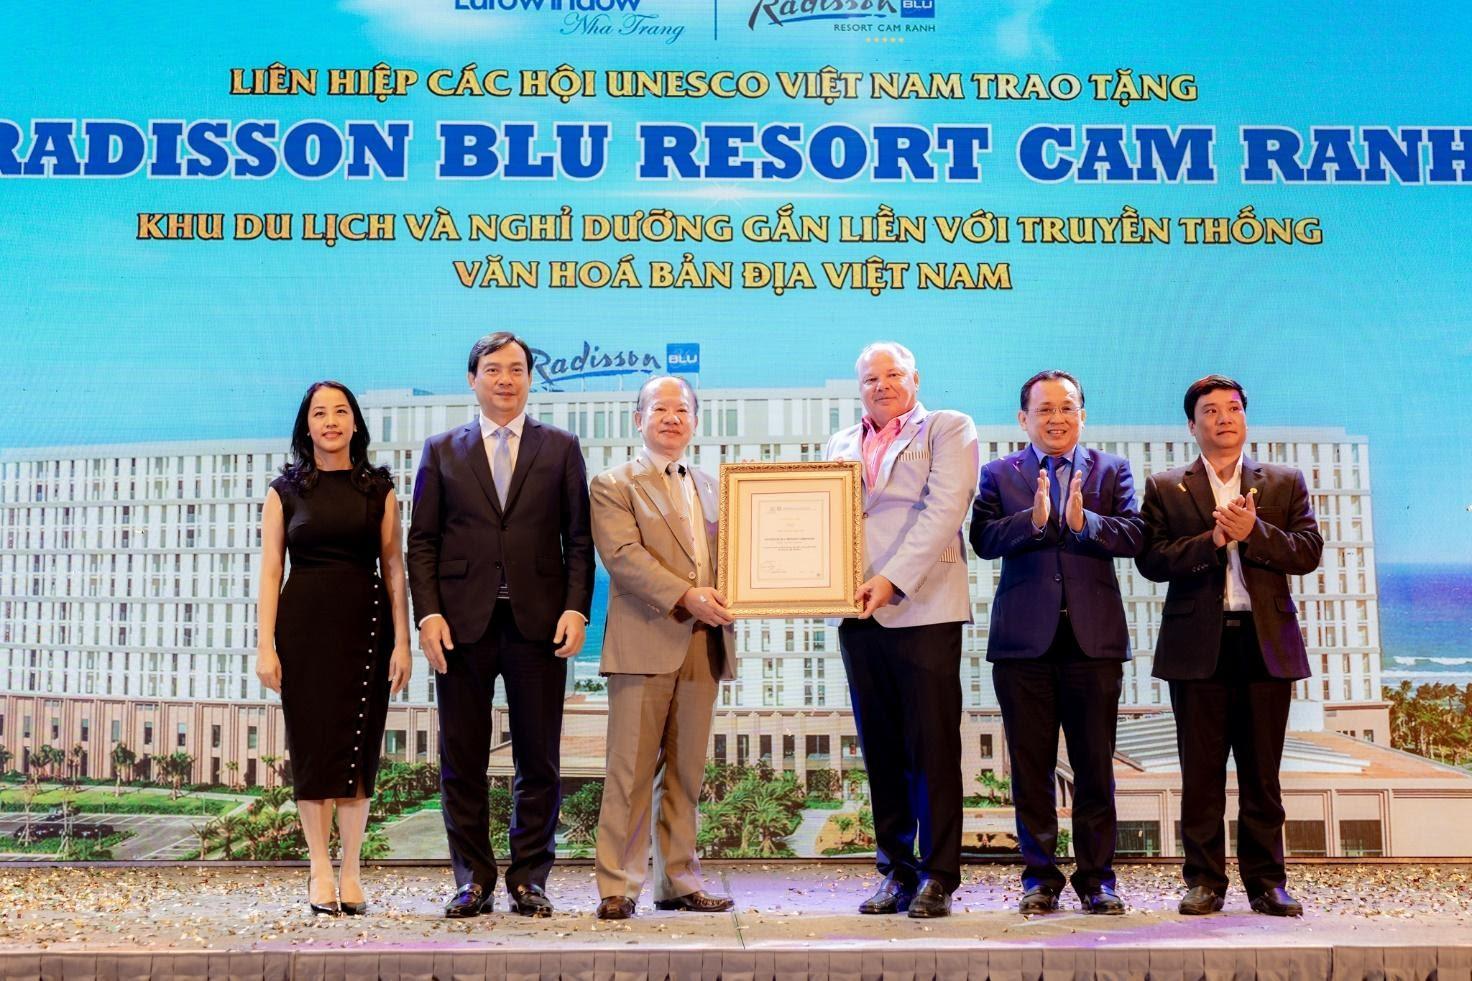 Movenpick Resort Cam Ranh và Radisson Blu Resort Cam Ranh chính thức được công nhận 5 sao - Ảnh 7